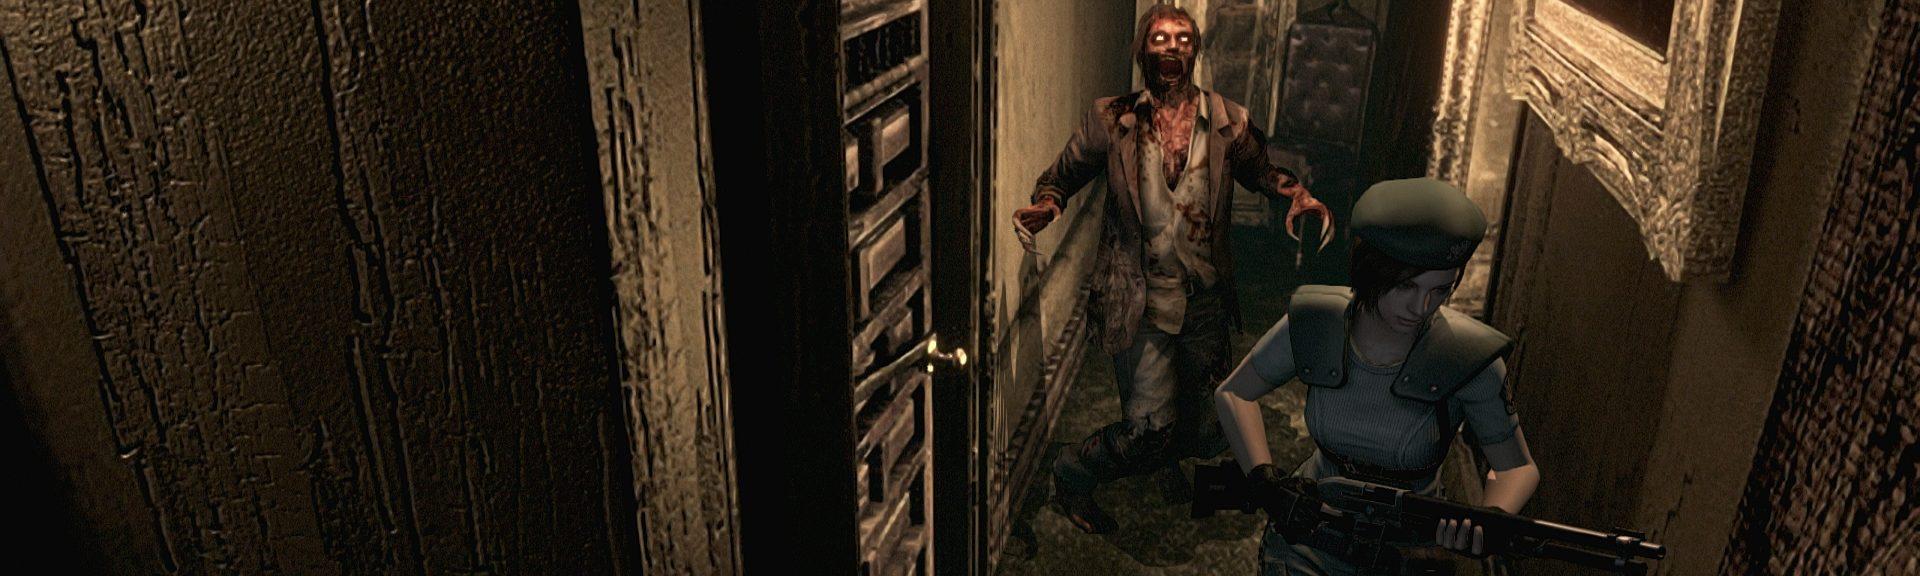 Resident Evil Remake Crimson